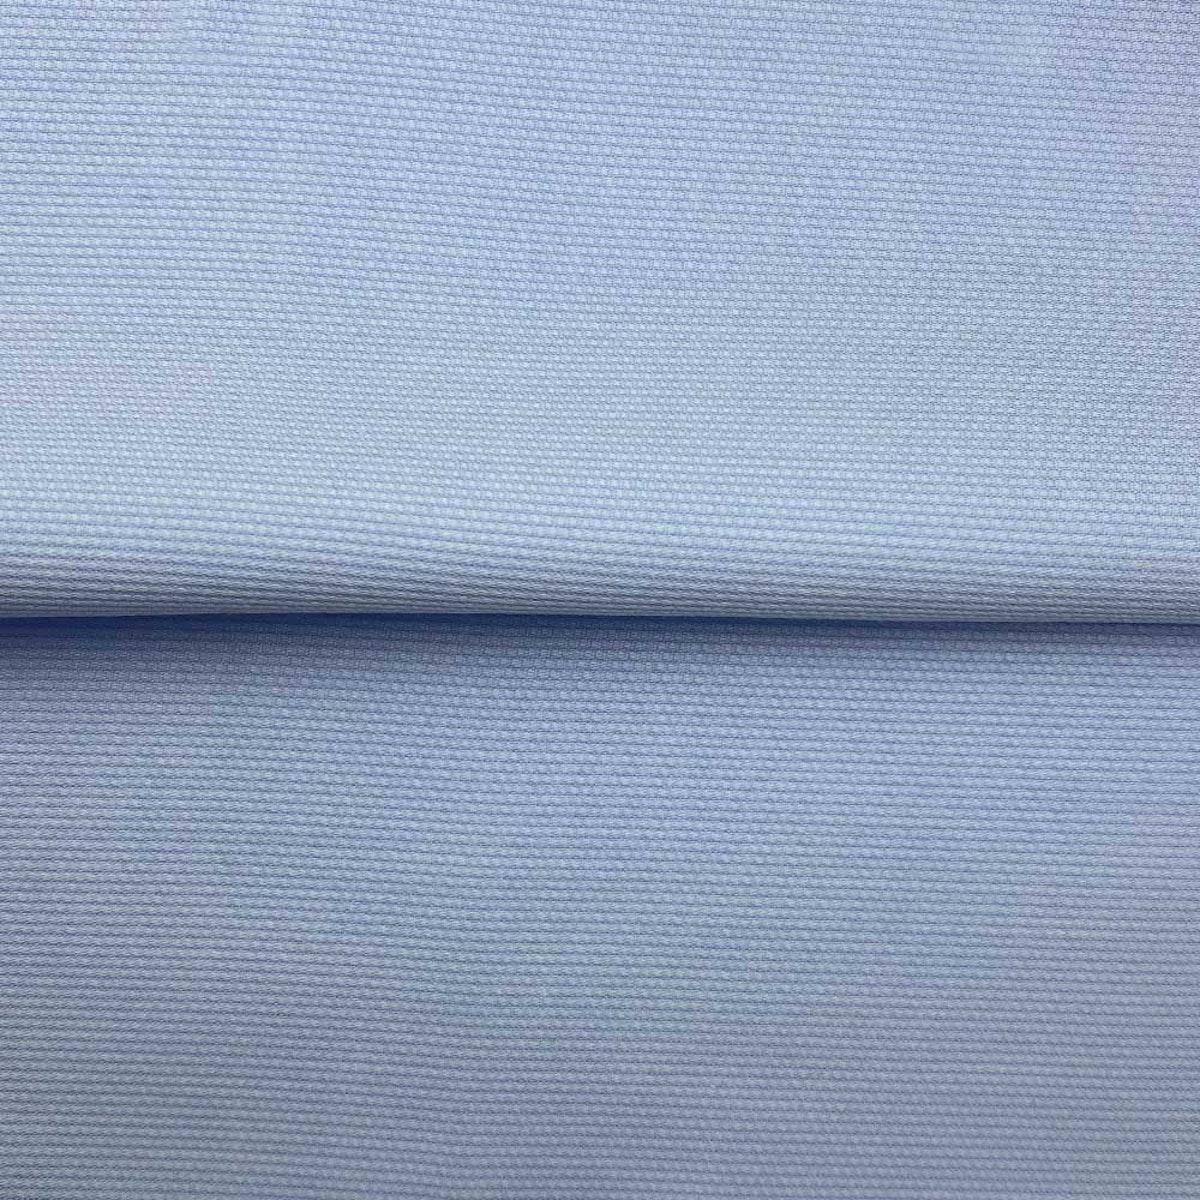 InStitchu Shirt Fabric 58